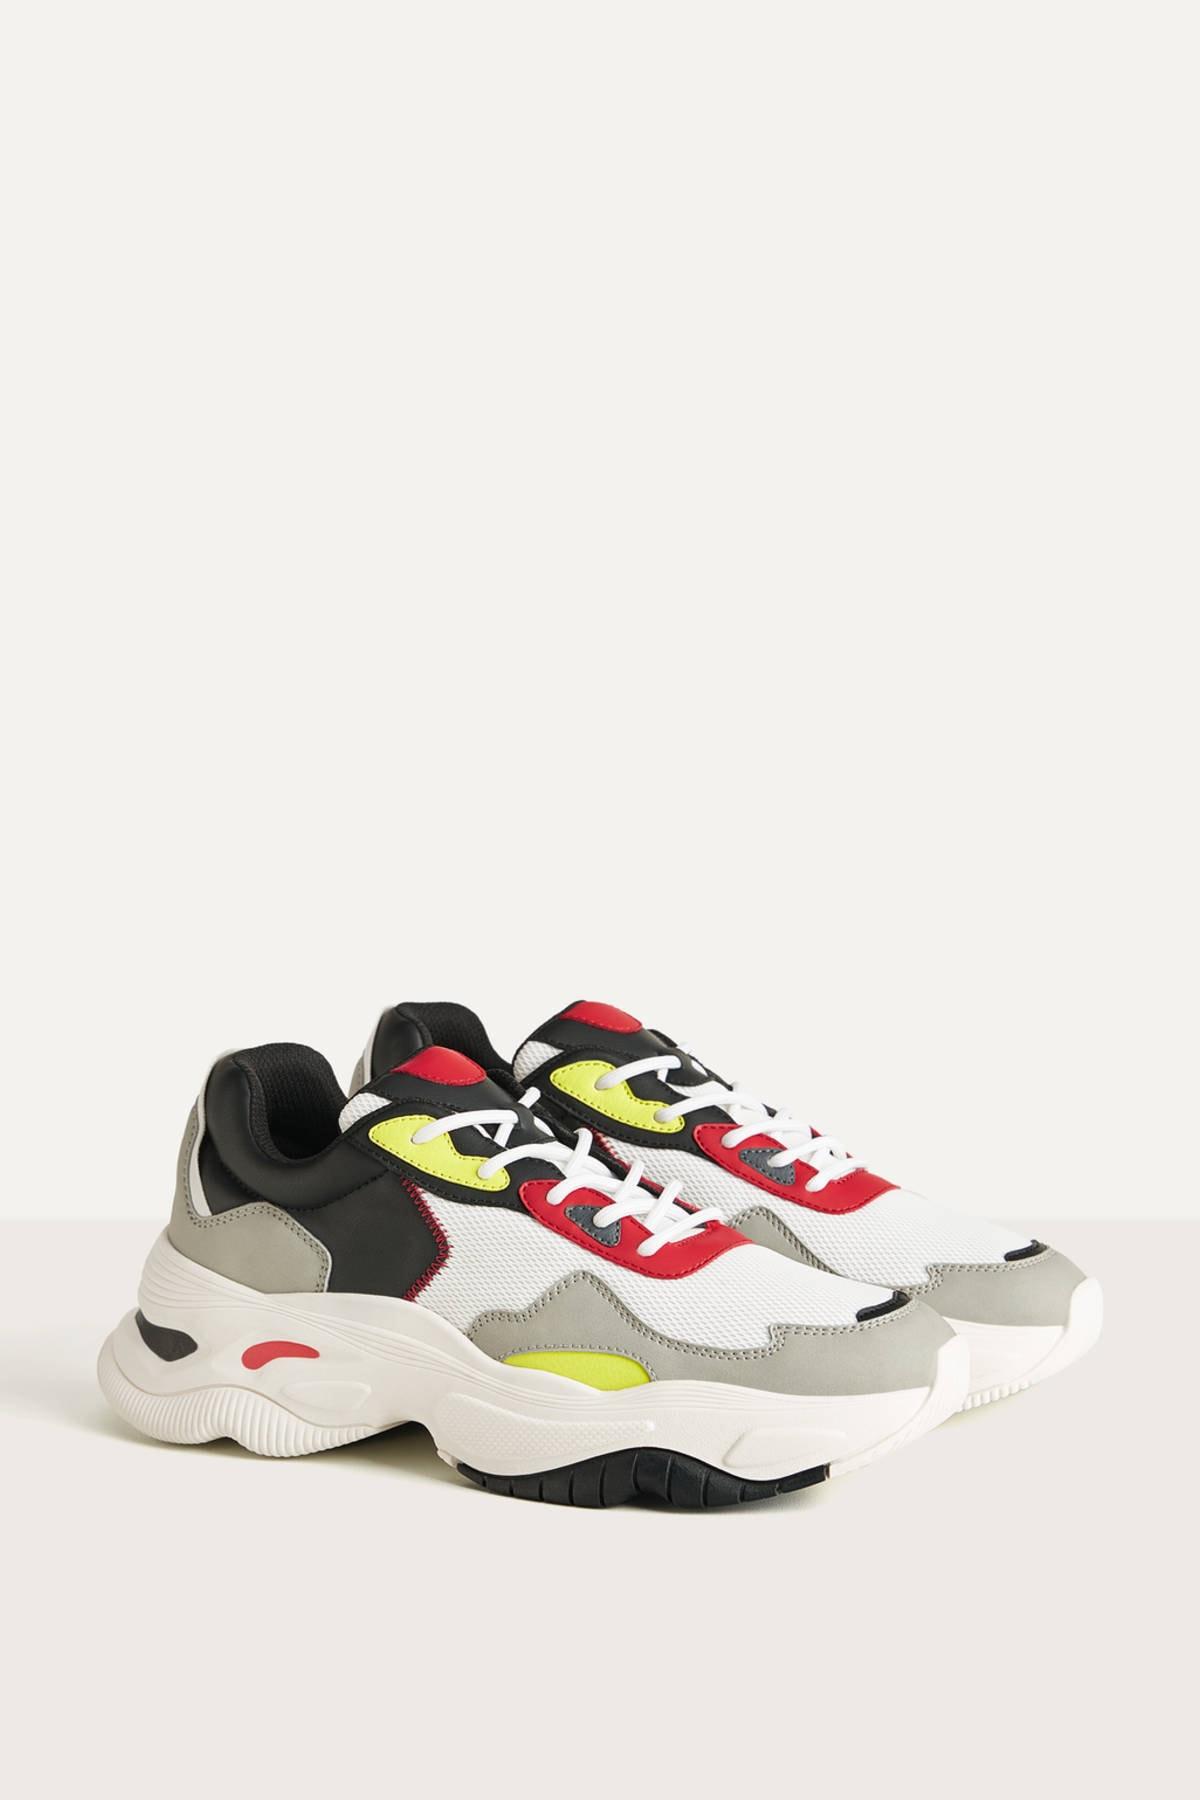 Bershka Erkek Diğer Kontrast Çok Renkli Spor Ayakkabı 12303660